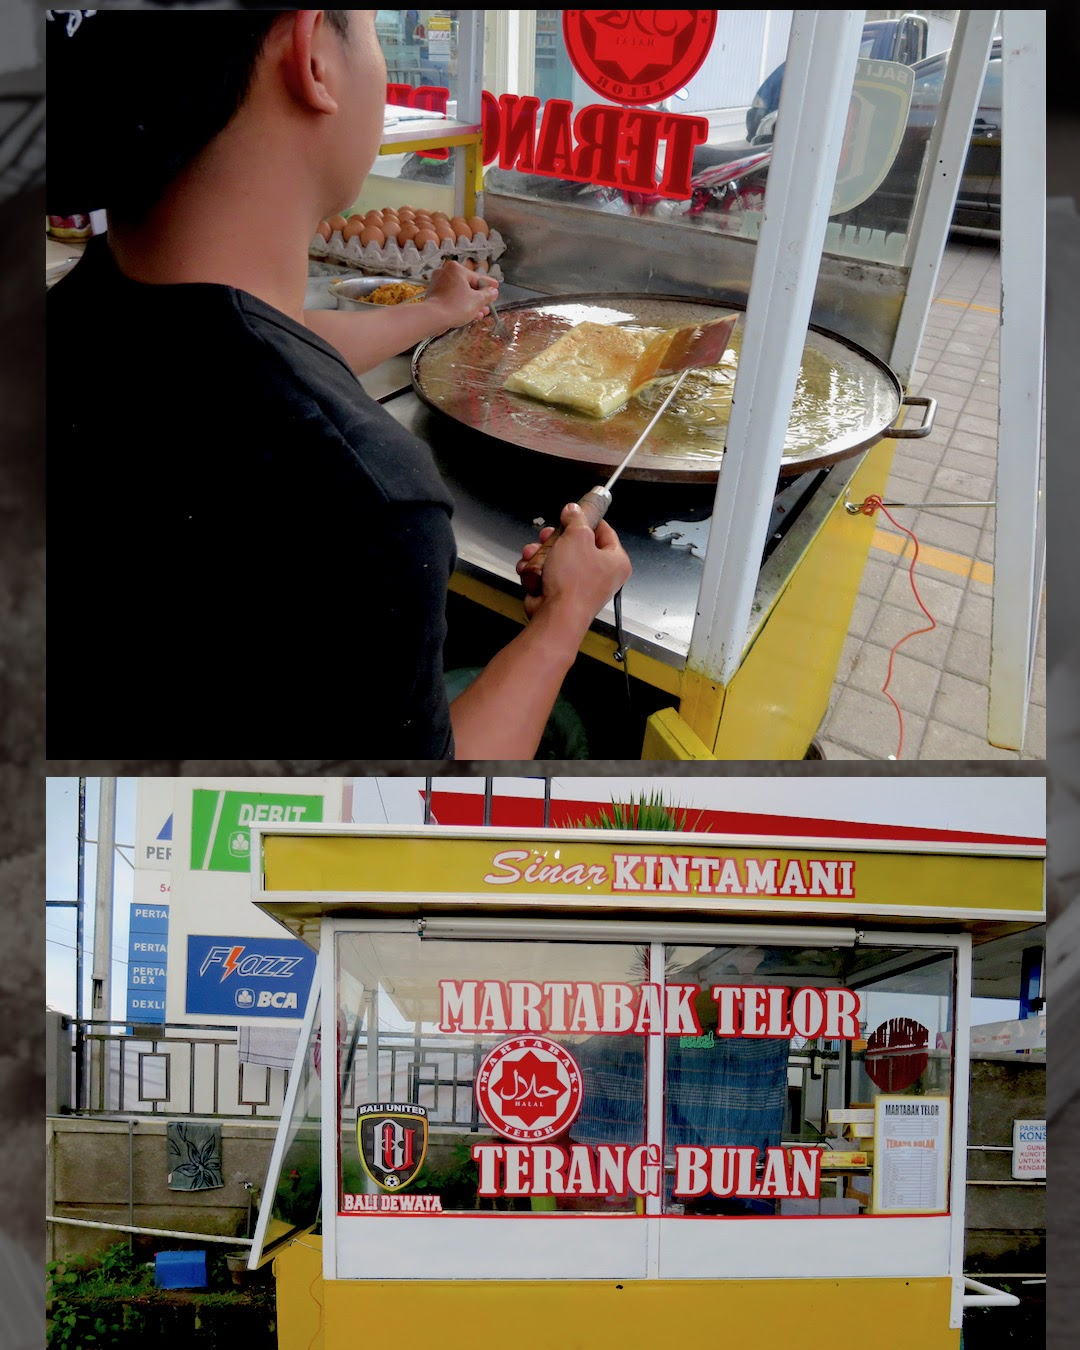 Streetfood aus Bali